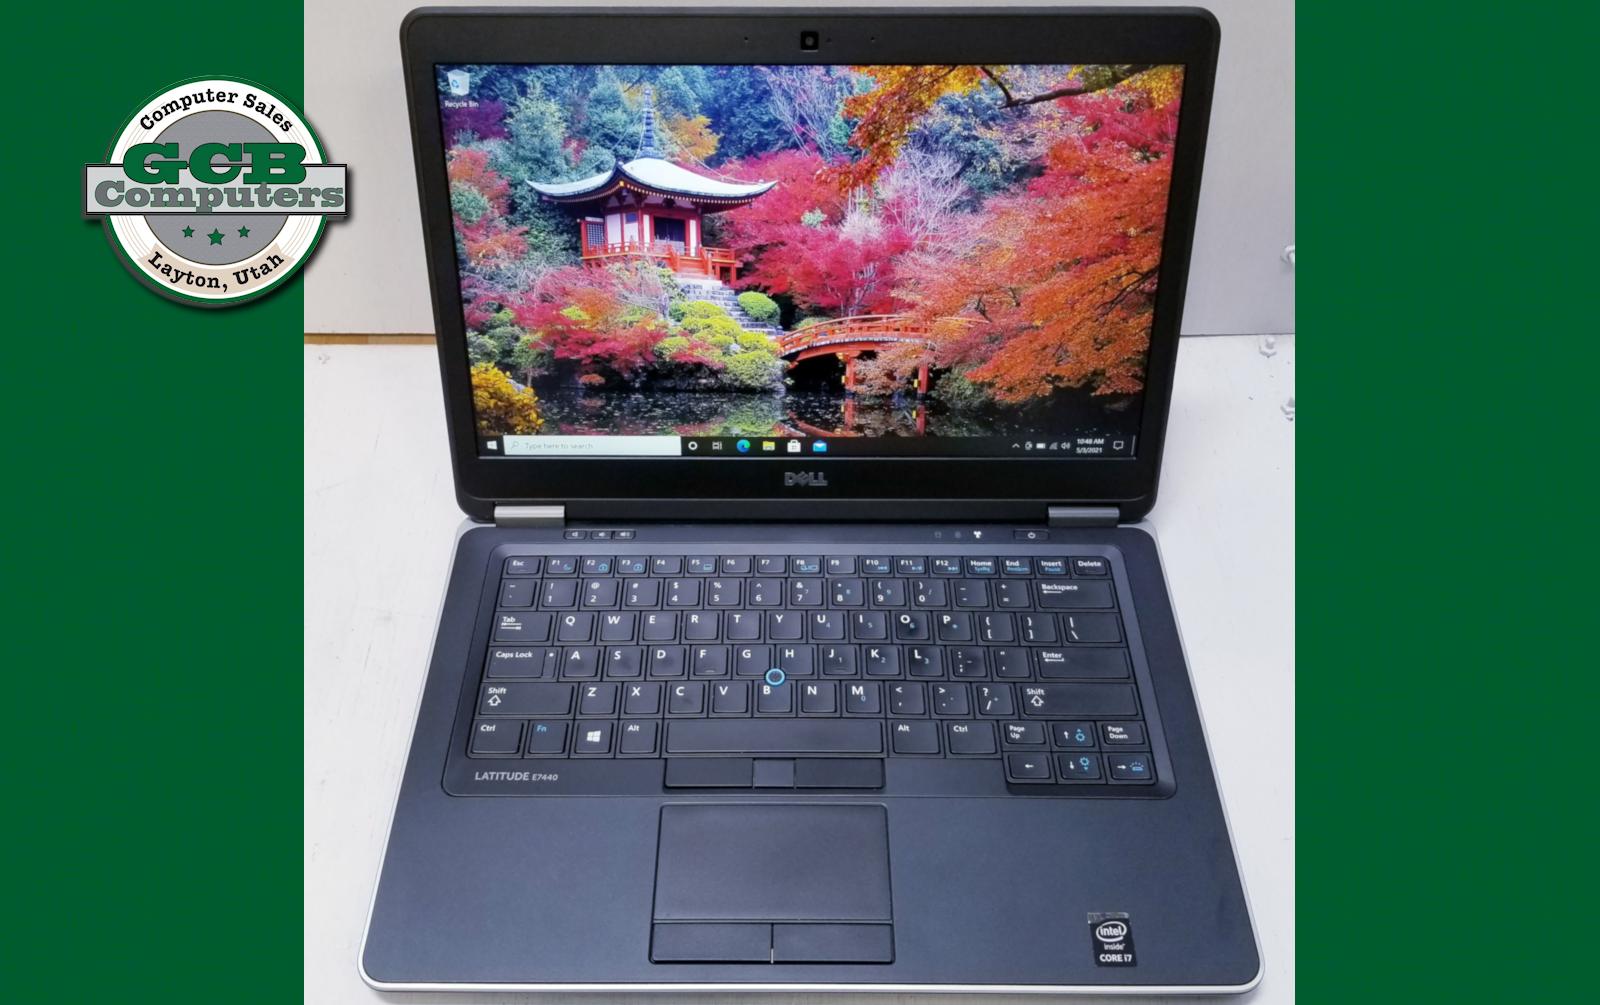 $220 Dell 7440 i7-4600U 256GB SSD 8GB RAM